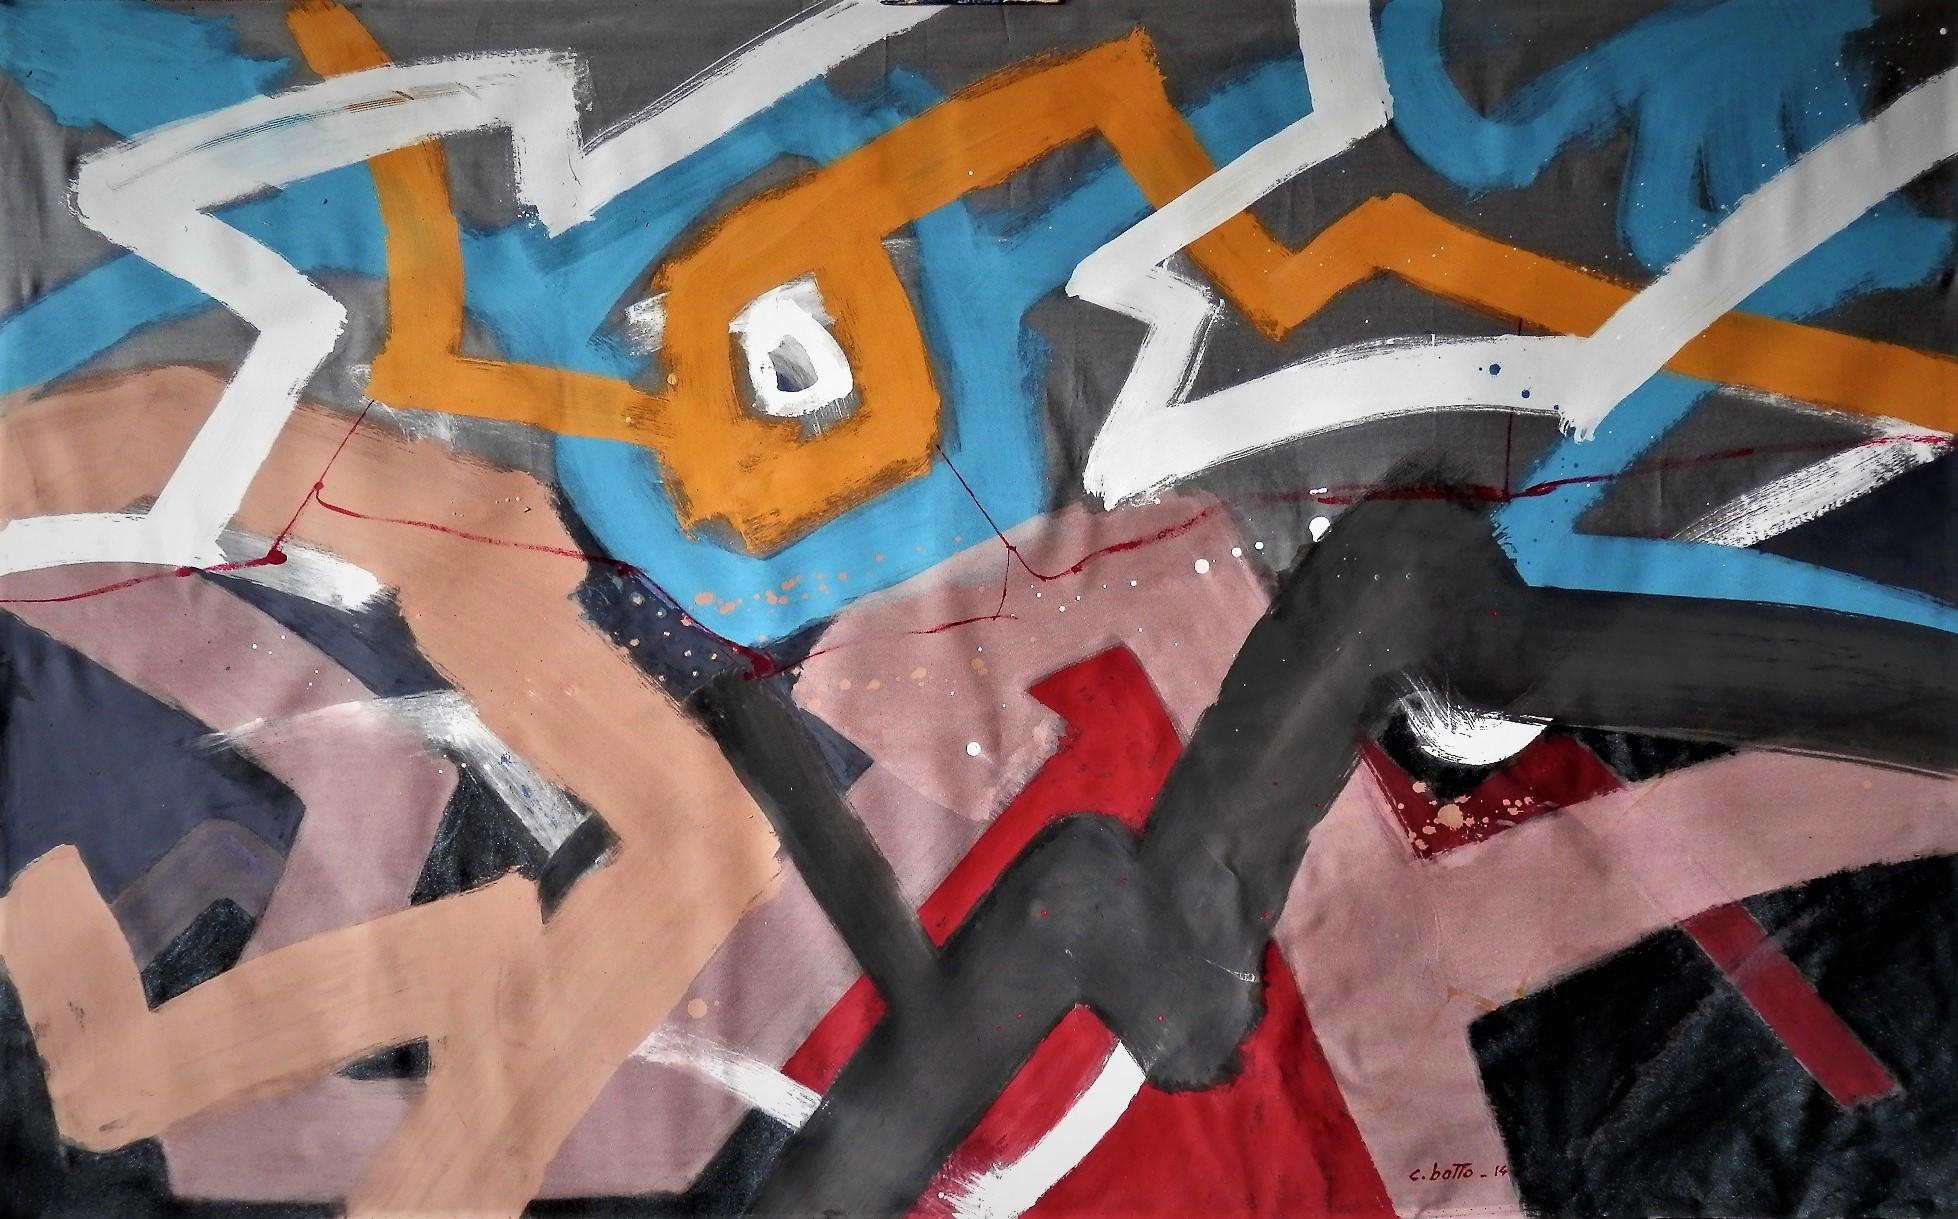 Dalle ceneri della storia, acrilico su tela 131x81, 5.12.2014 Cesare Botto